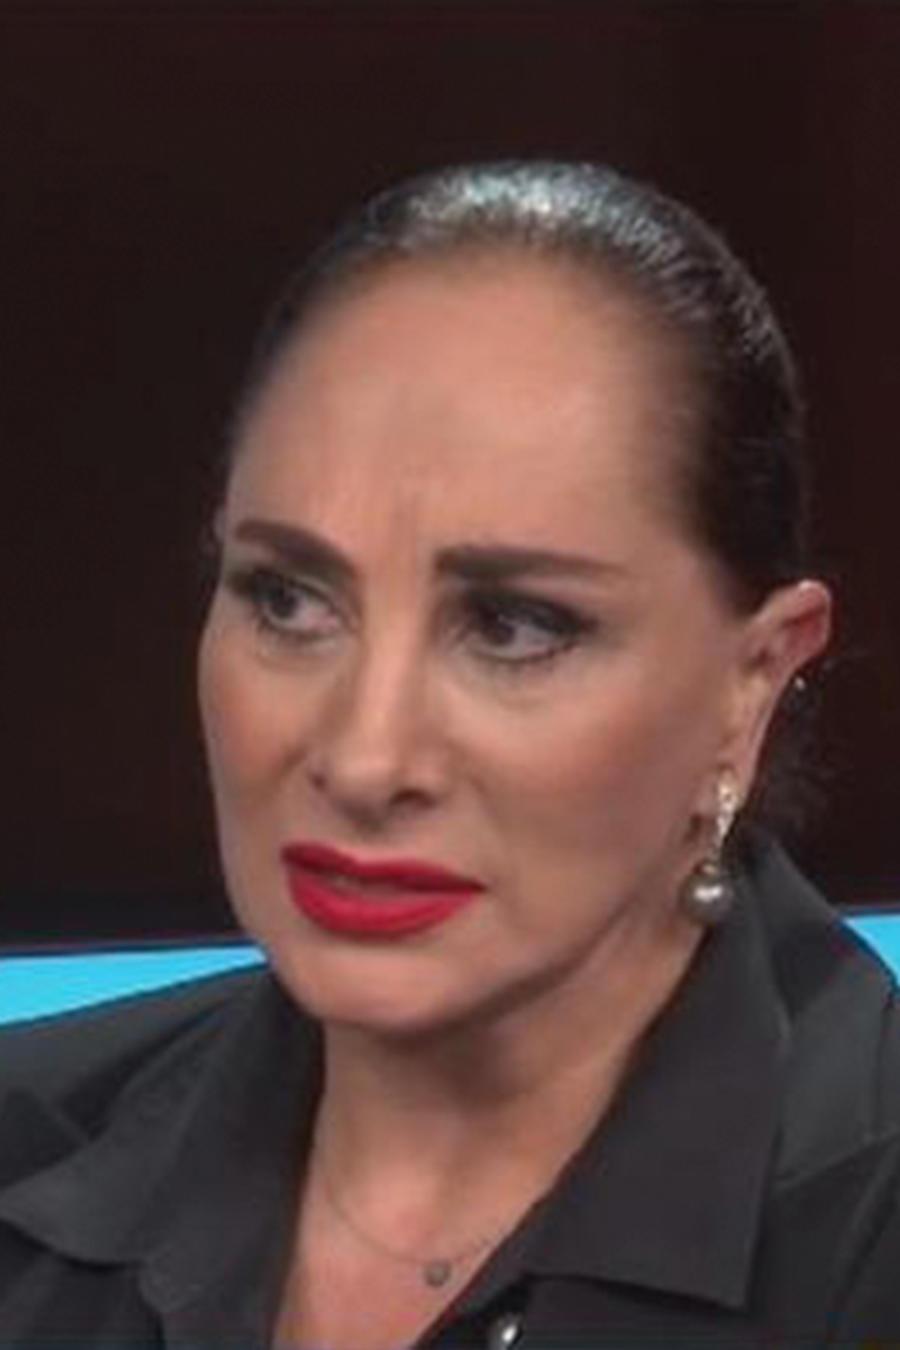 Susana Dosamantes salió en defensa de su hija, Paulina Rubia, por la agresión que sufrió